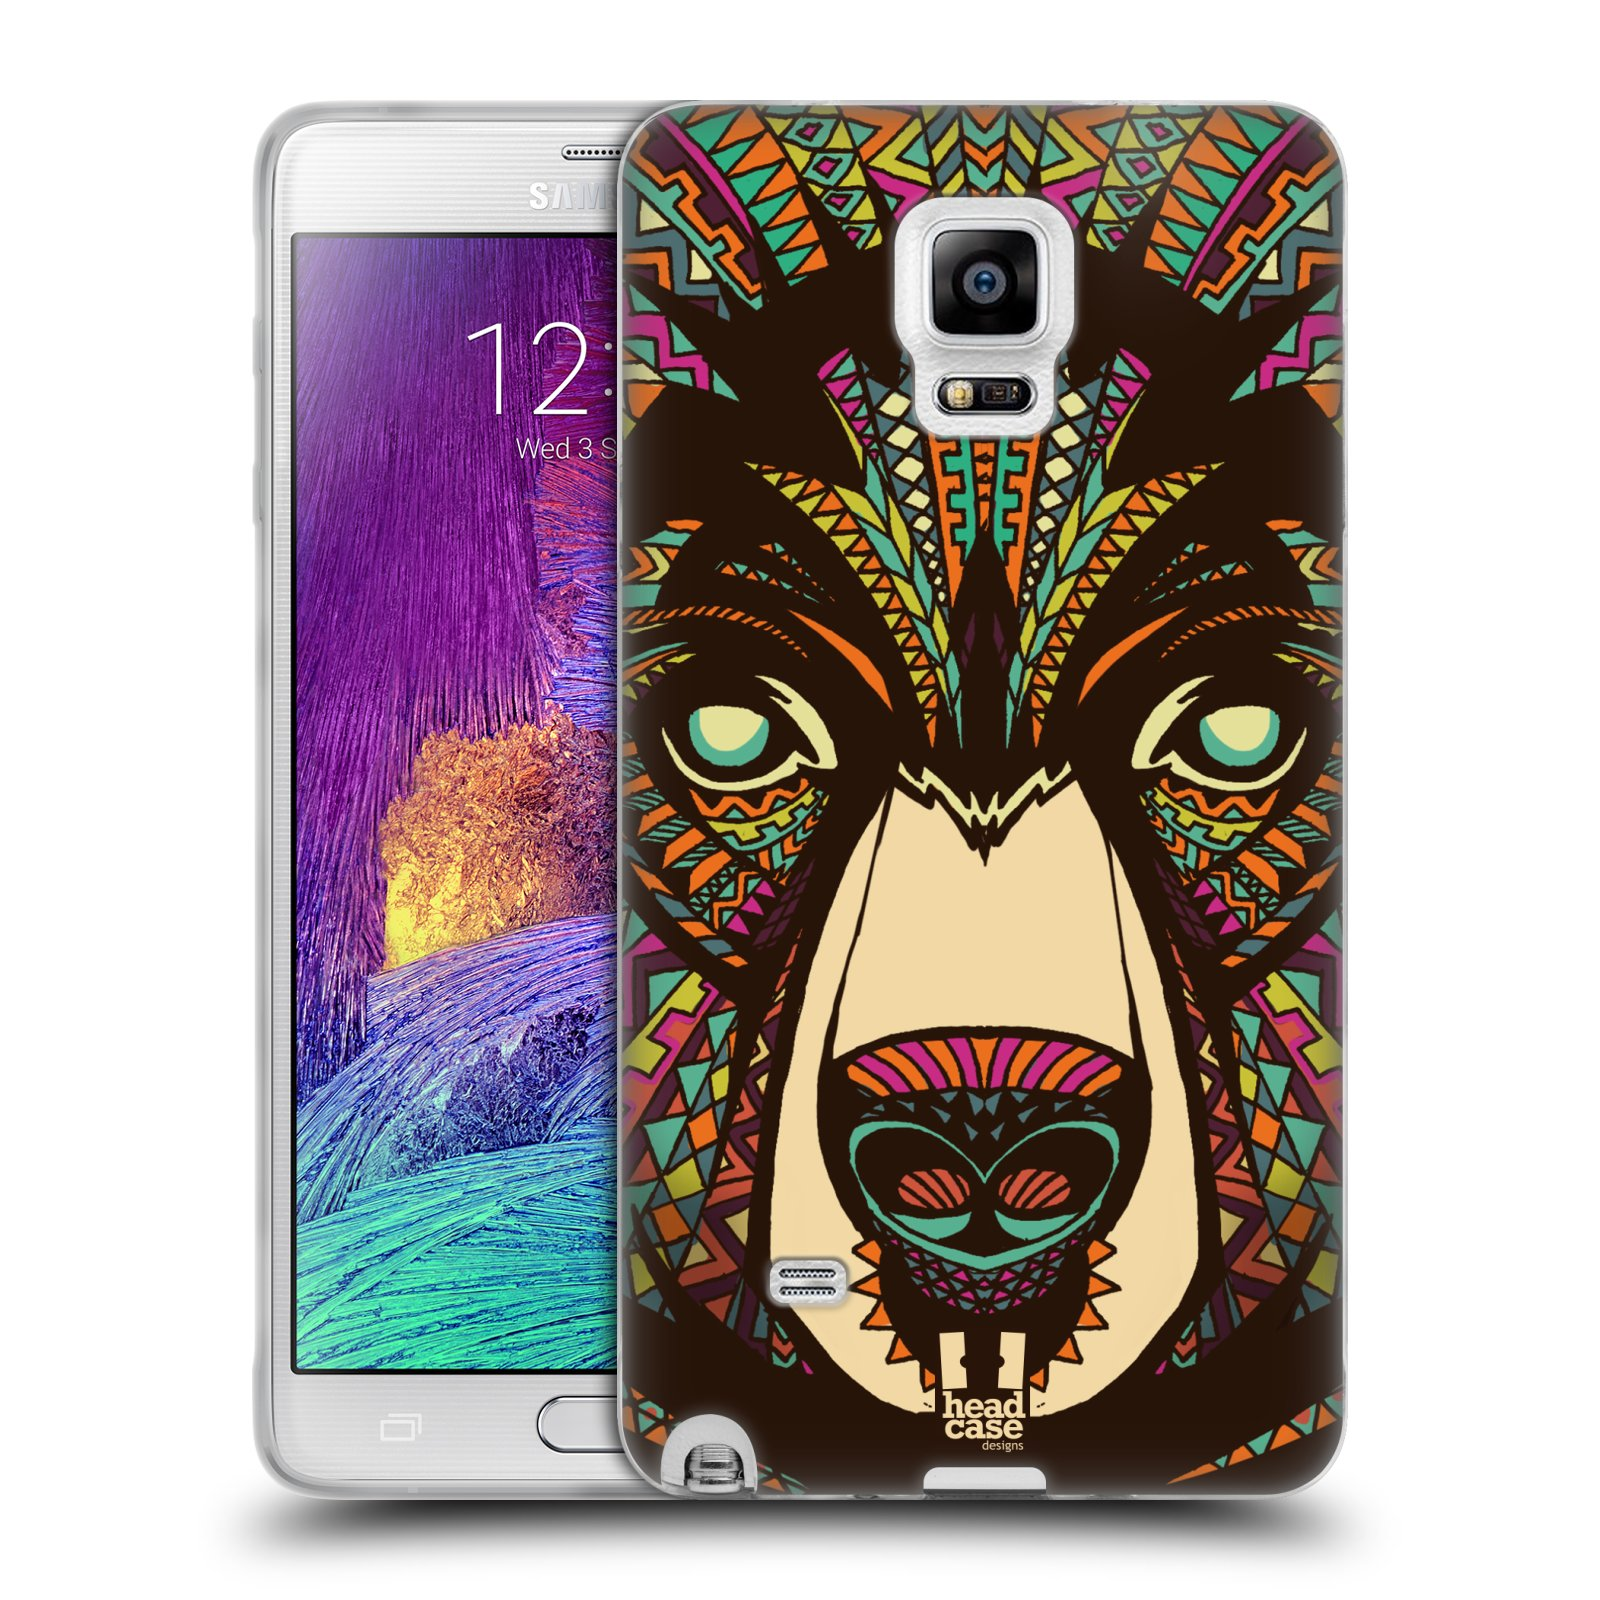 Silikonové pouzdro na mobil Samsung Galaxy Note 4 HEAD CASE AZTEC MEDVĚD (Silikonový kryt či obal na mobilní telefon Samsung Galaxy Note 4 SM-N910F)